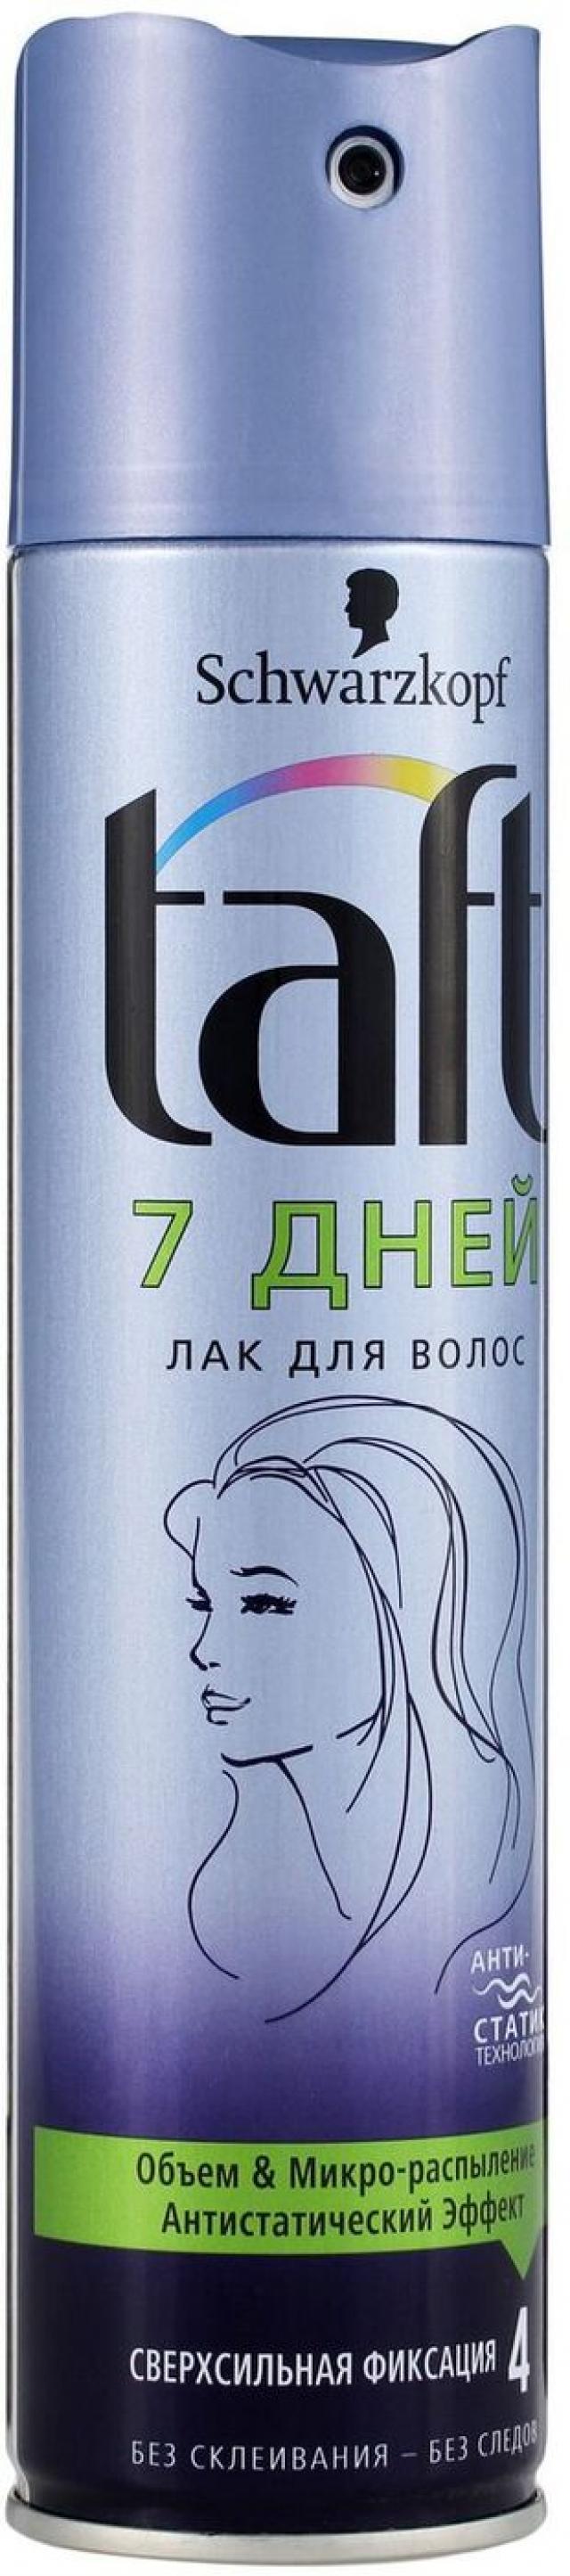 Тафт лак для волос 7дней сверхсил. фикс. 225мл купить в Москве по цене от 0 рублей